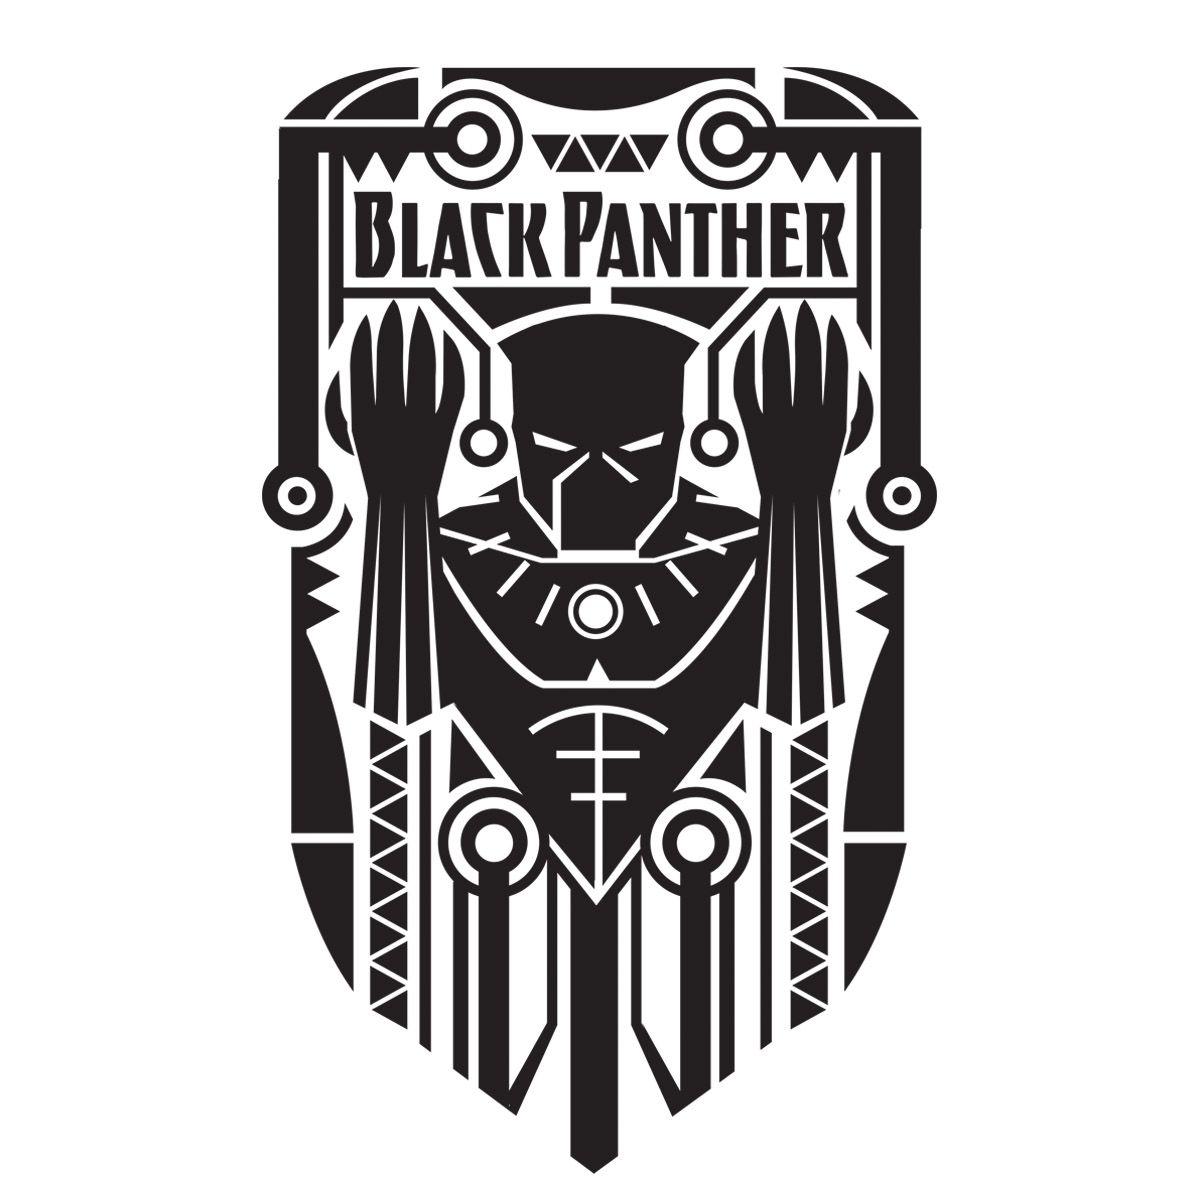 black panther superhero symbol - photo #13